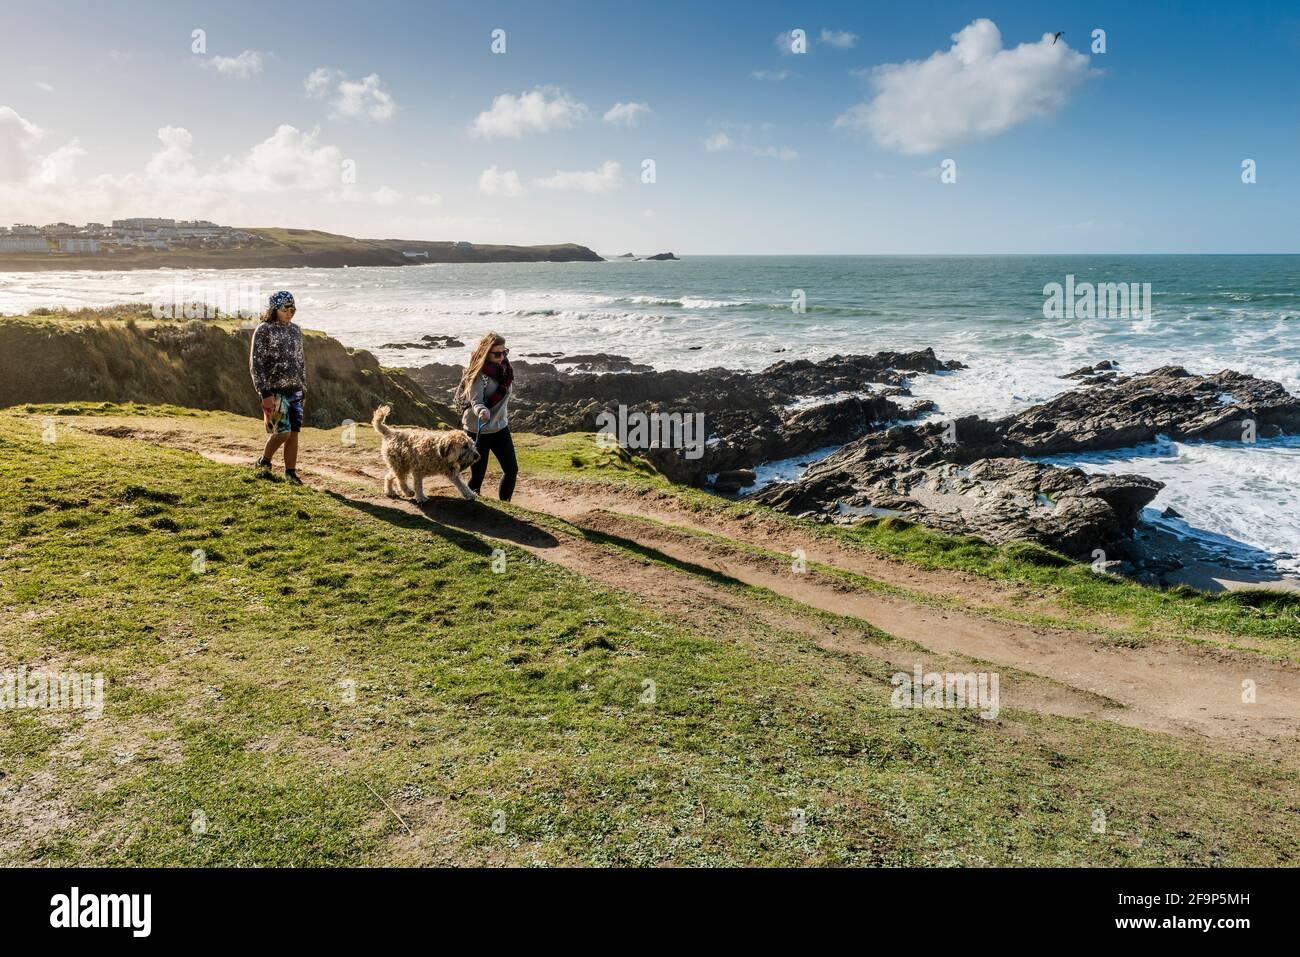 Les gens qui marchent leur chien le long du sentier de la côte sur le promontoire de Newquay, en Cornouailles. Banque D'Images